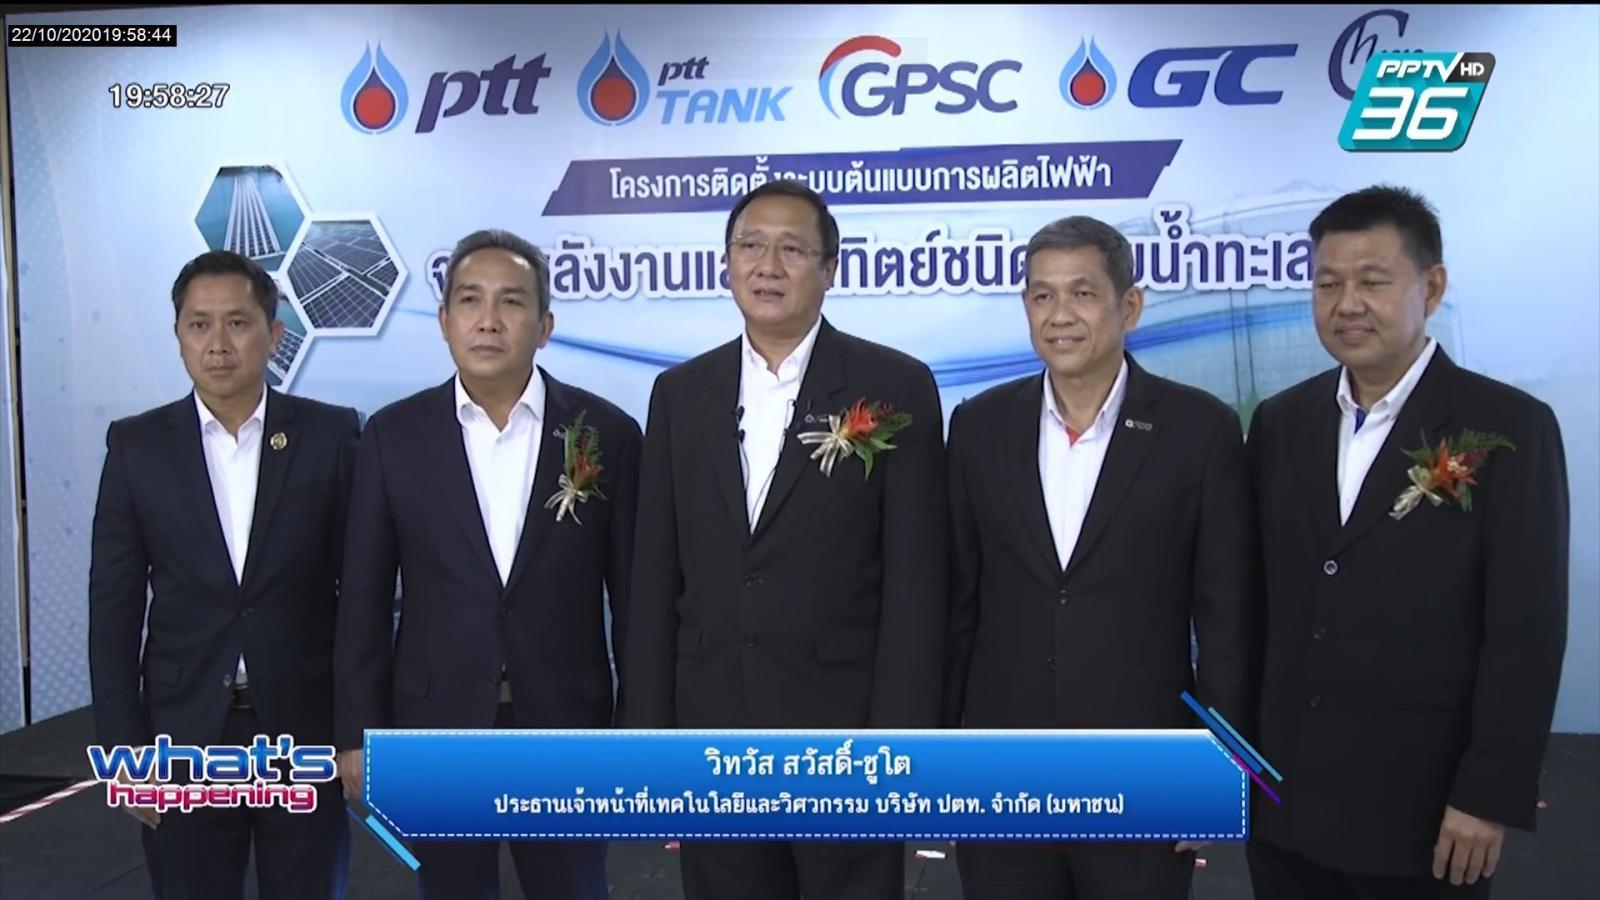 """ปตท.เปิดตัว """"โซลาร์ชนิดลอยน้ำทะเล"""" แห่งแรกของไทย"""